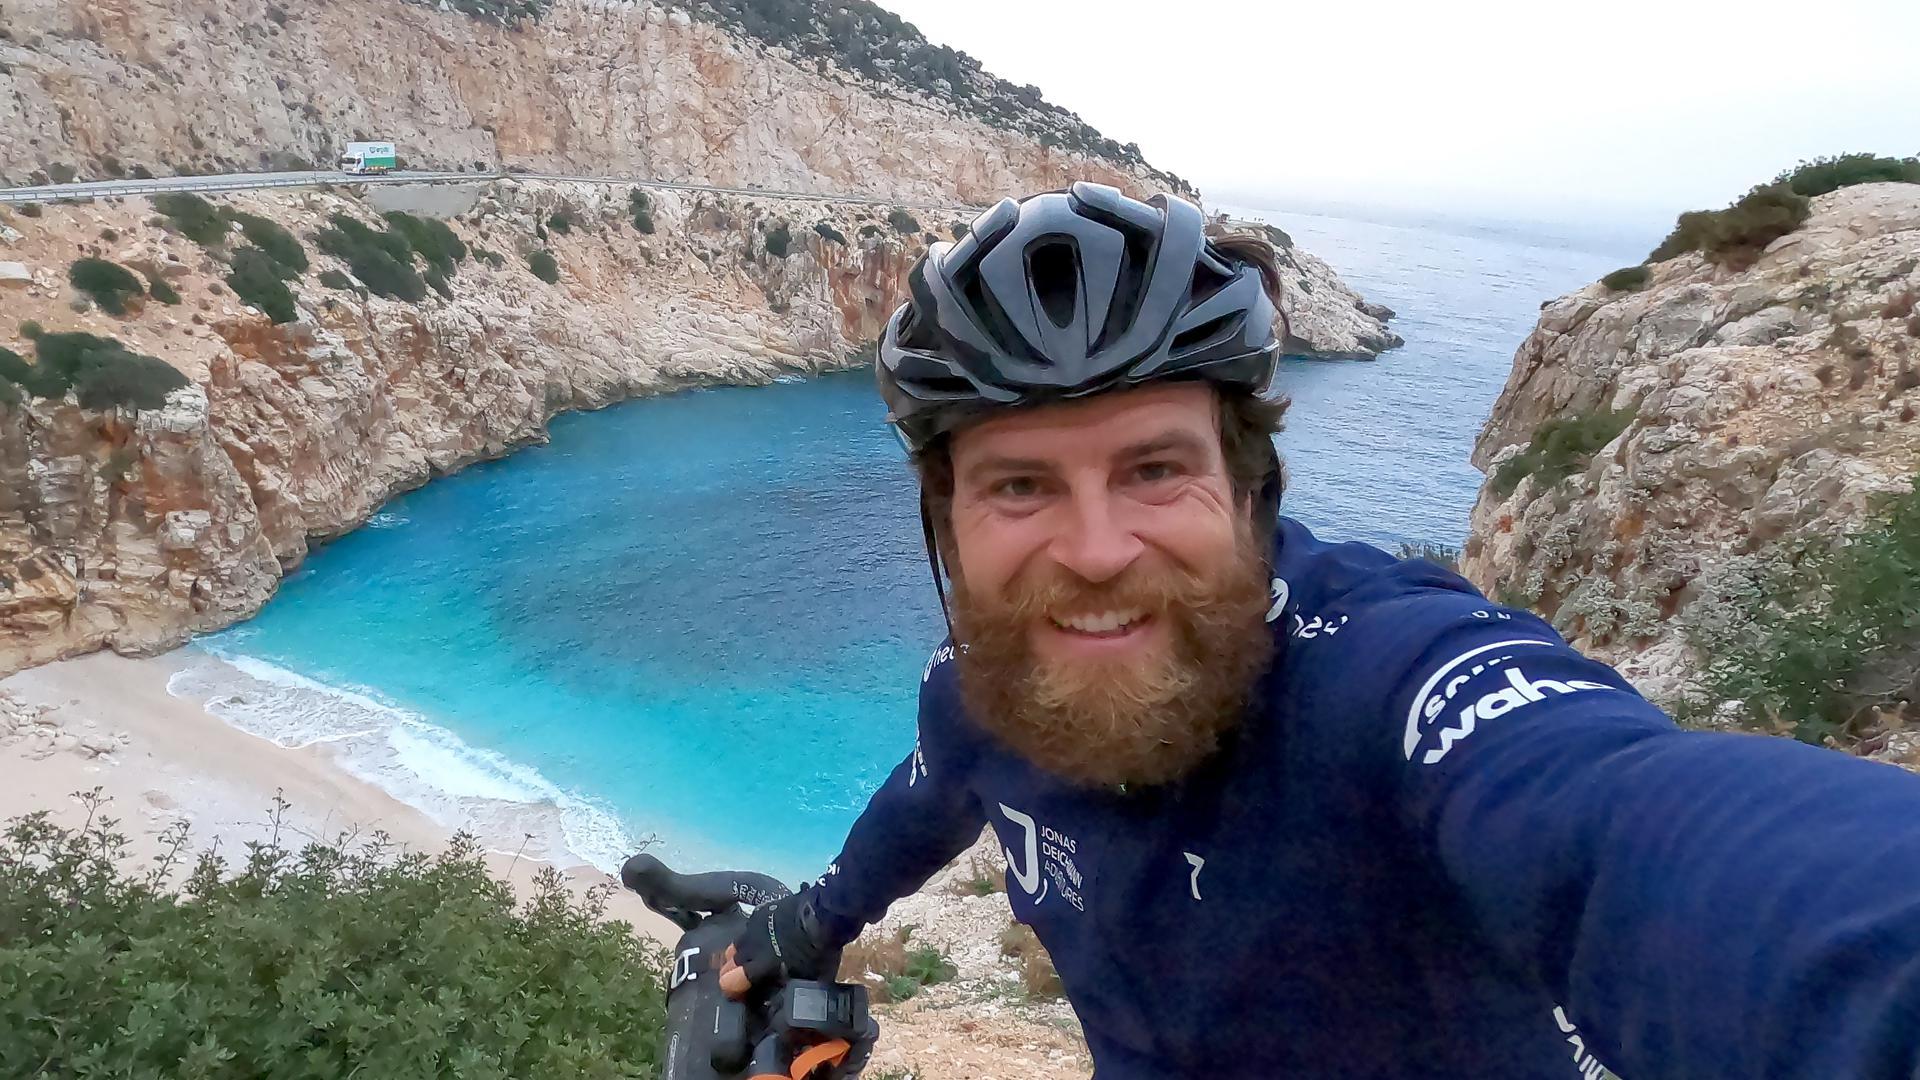 Extremsportler Jonas Deichmann fotografiert beim Training ein Selfie.